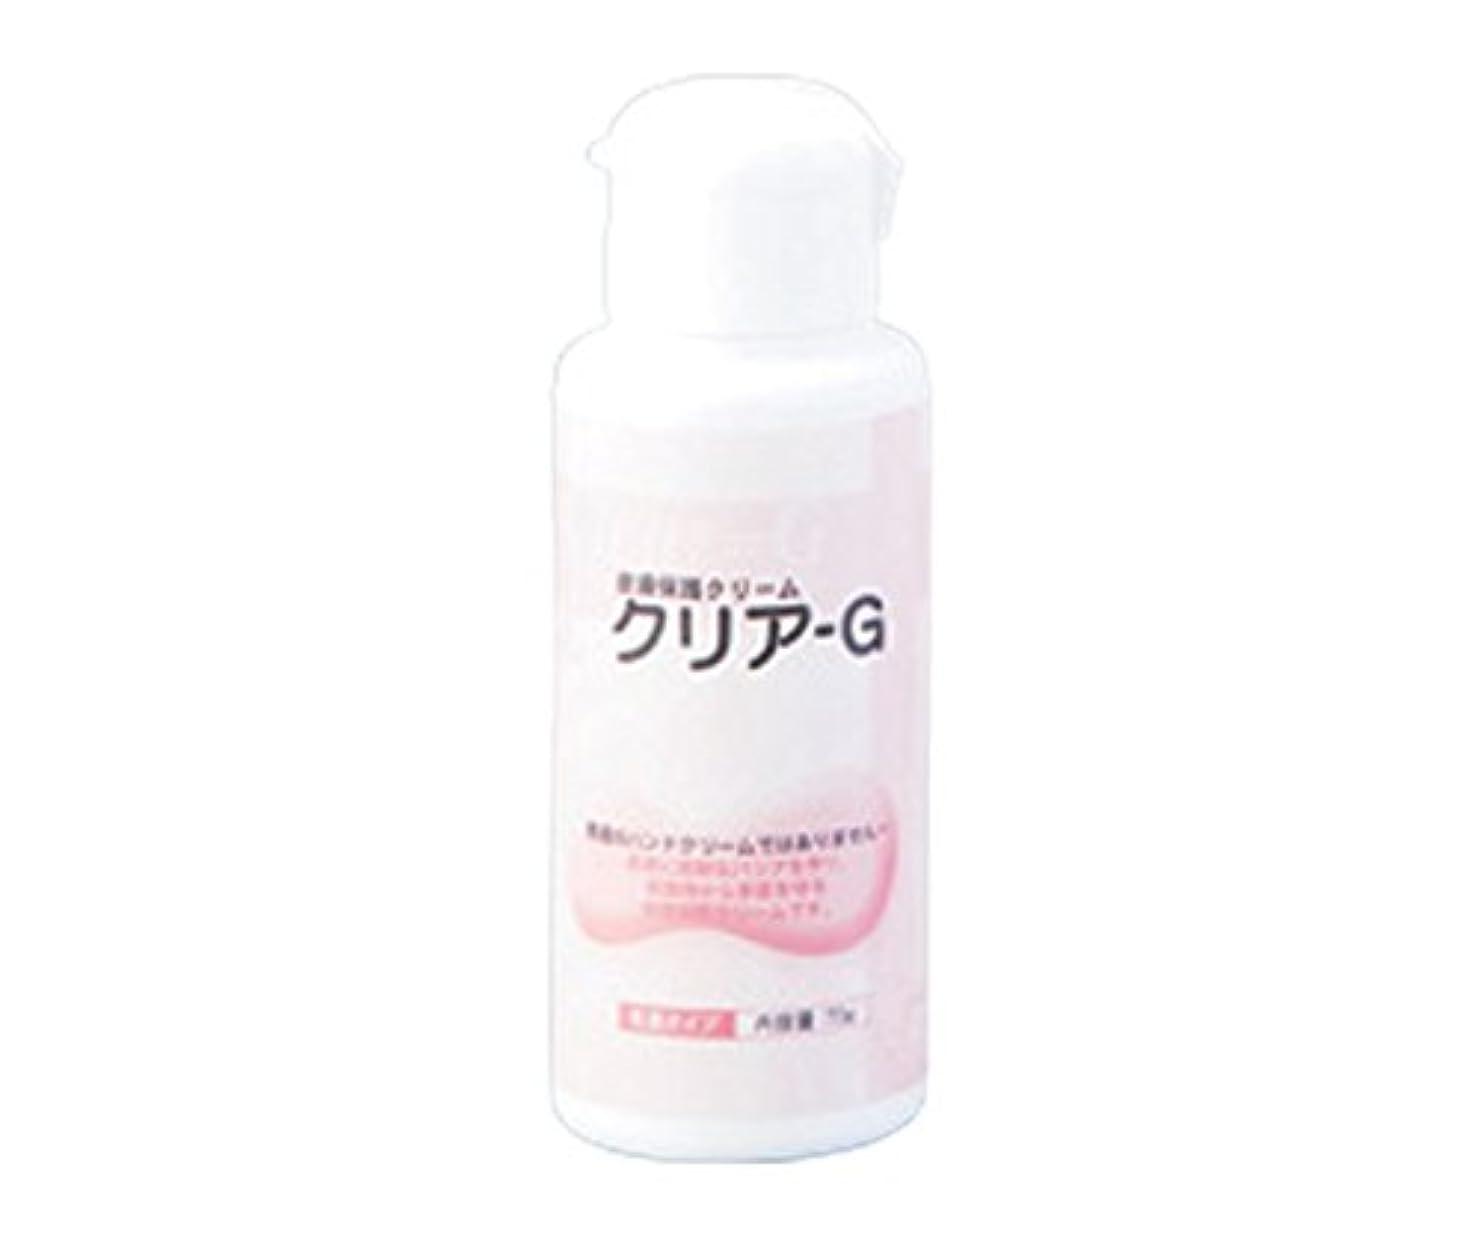 背景どんなときも飽和する皮膚保護クリーム(クリア-G) 70g